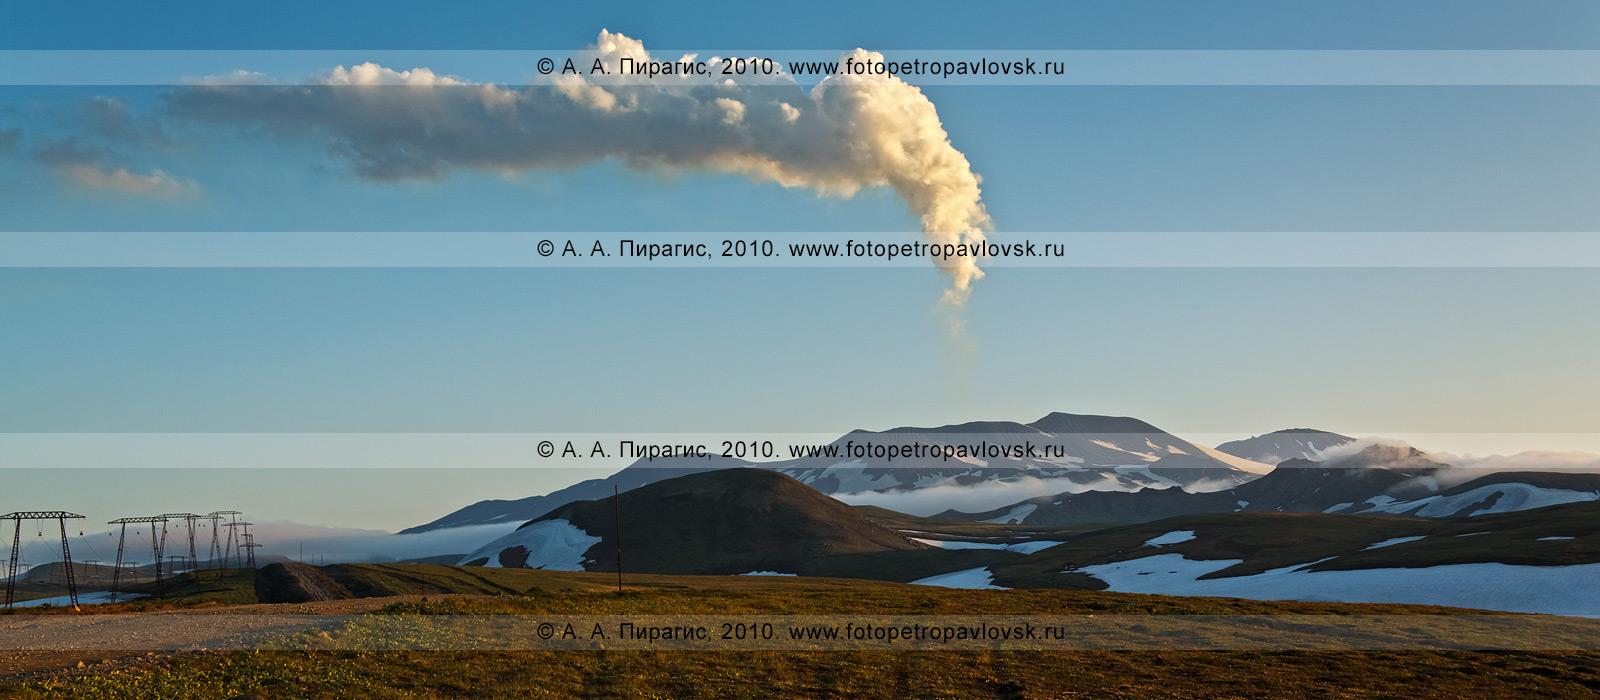 Фотография (панорама): действующий вулкан Горелый на юге полуострова Камчатка. Парогазовый выброс одного из кратеров вулкана Горелого (вид с севера). Фотография сделана на закате